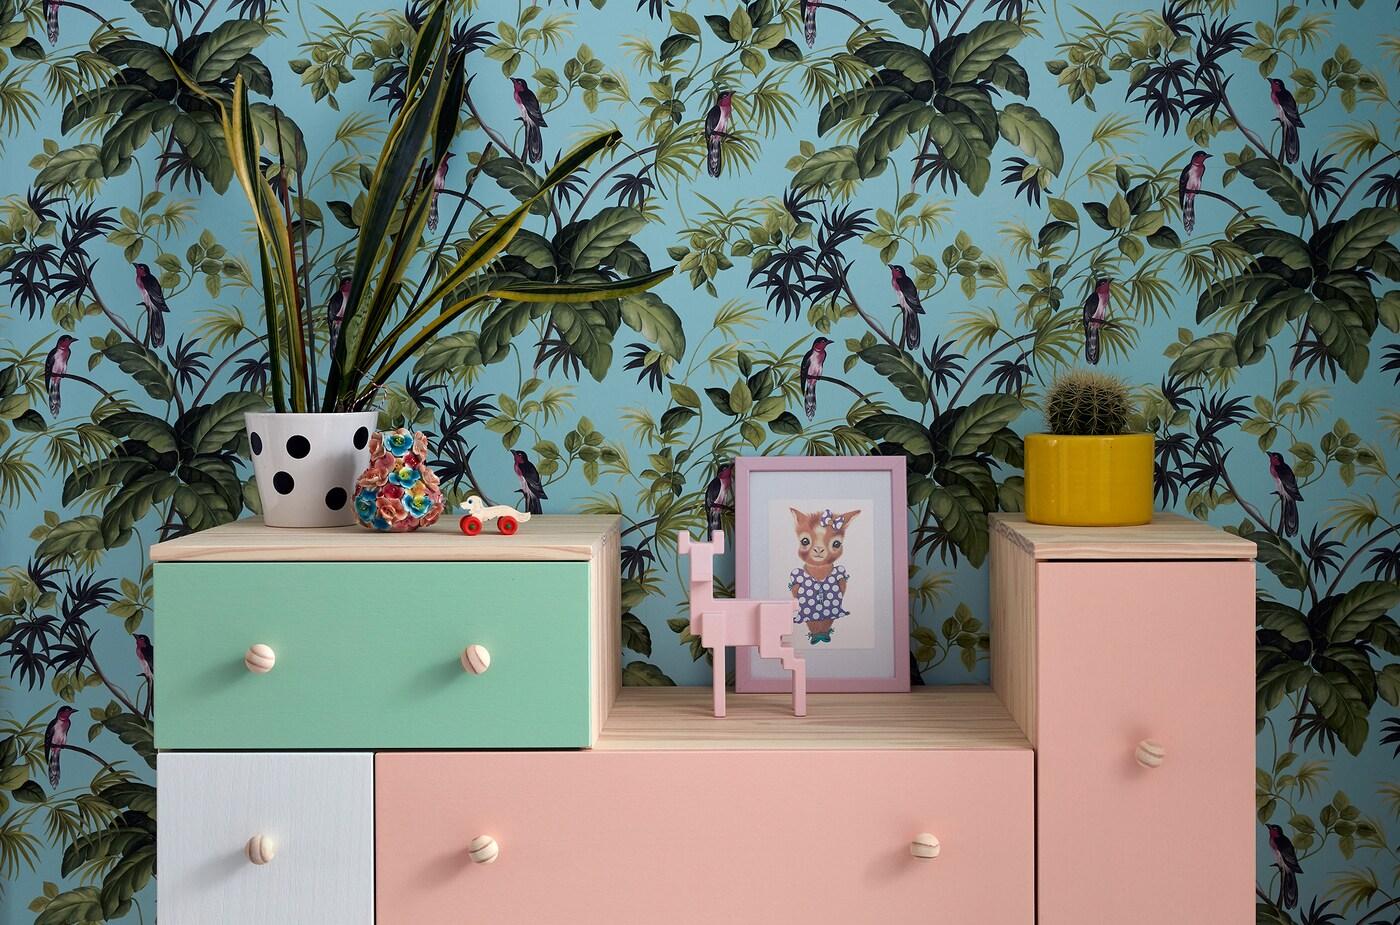 Möbel schnell aufgefrischt mit Farbe.